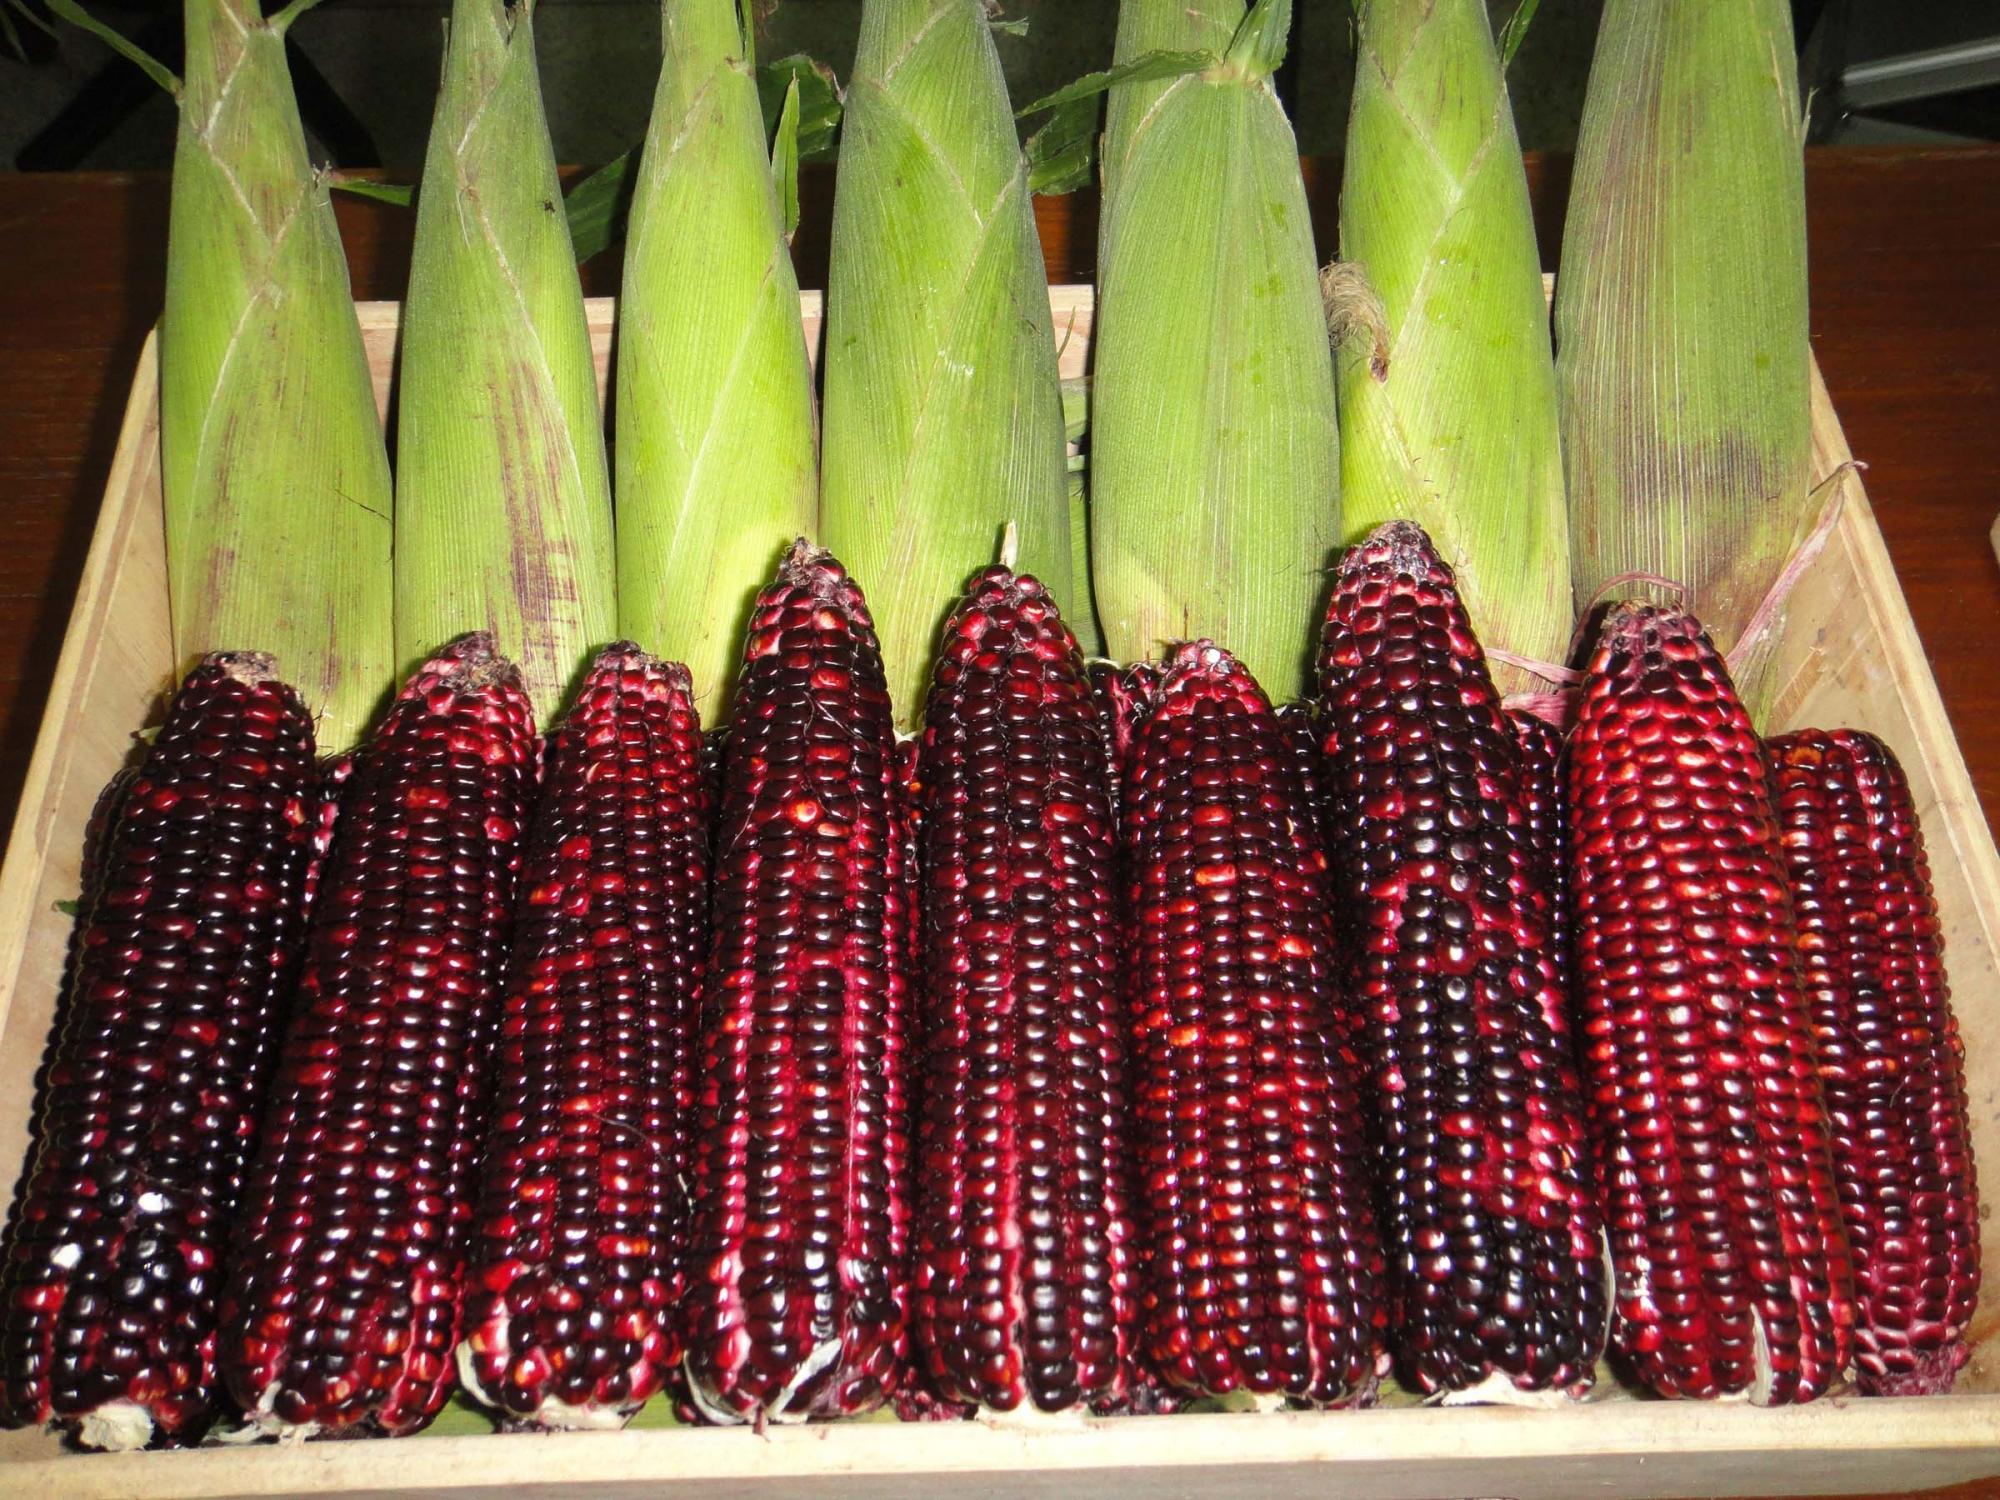 ข้าวโพดพันธ์ุสีม่วง Purple Corn / 40 เมล็ด